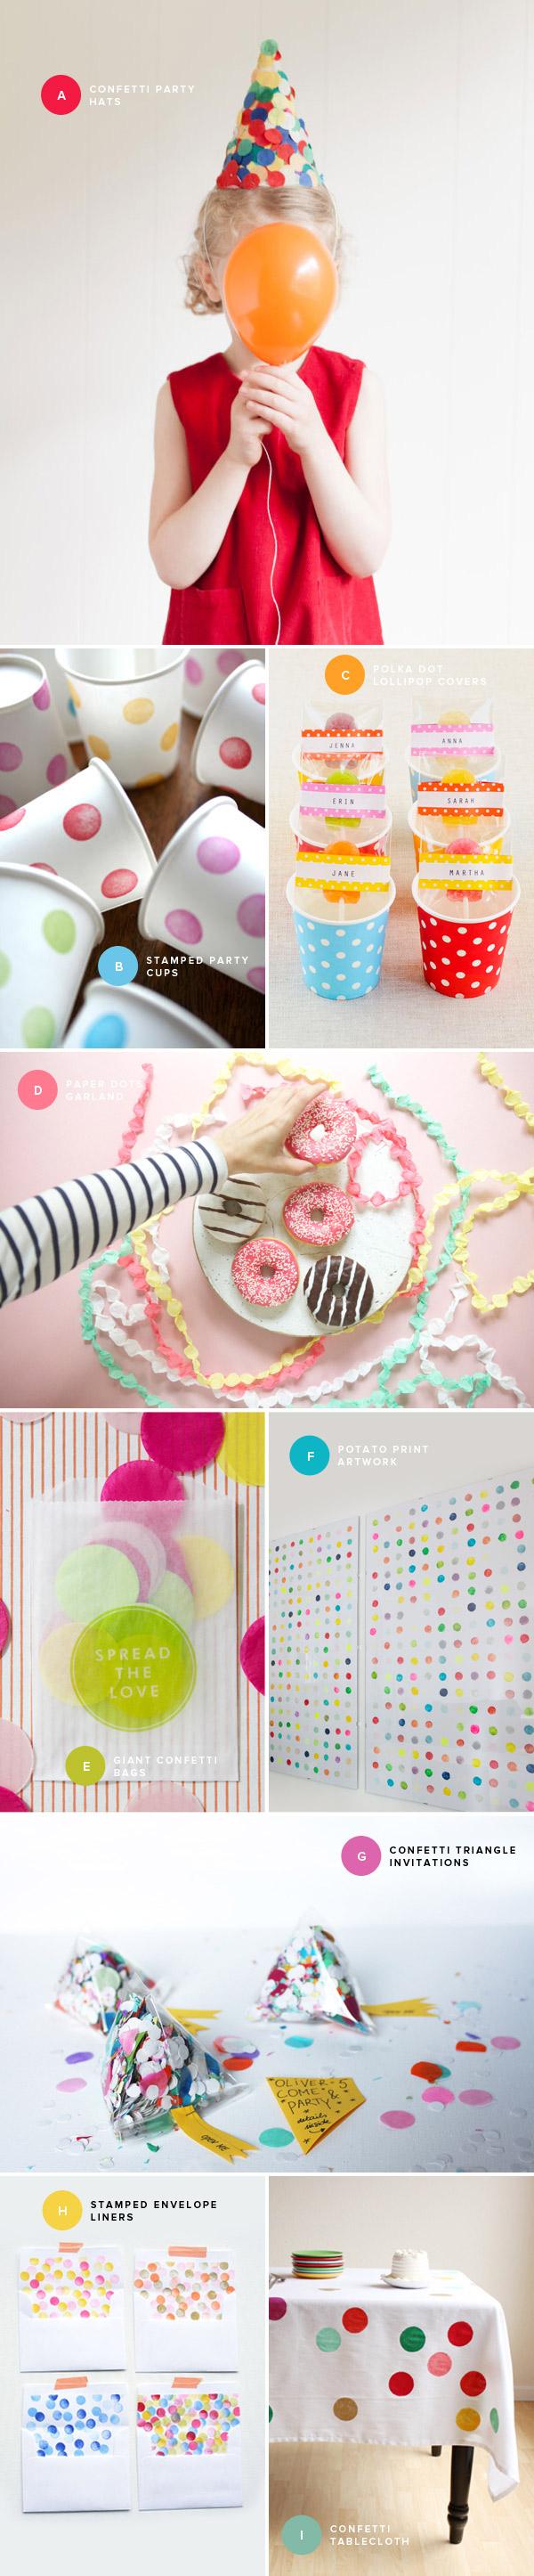 Polka Dot Party Ideas   Oh Happy Day!